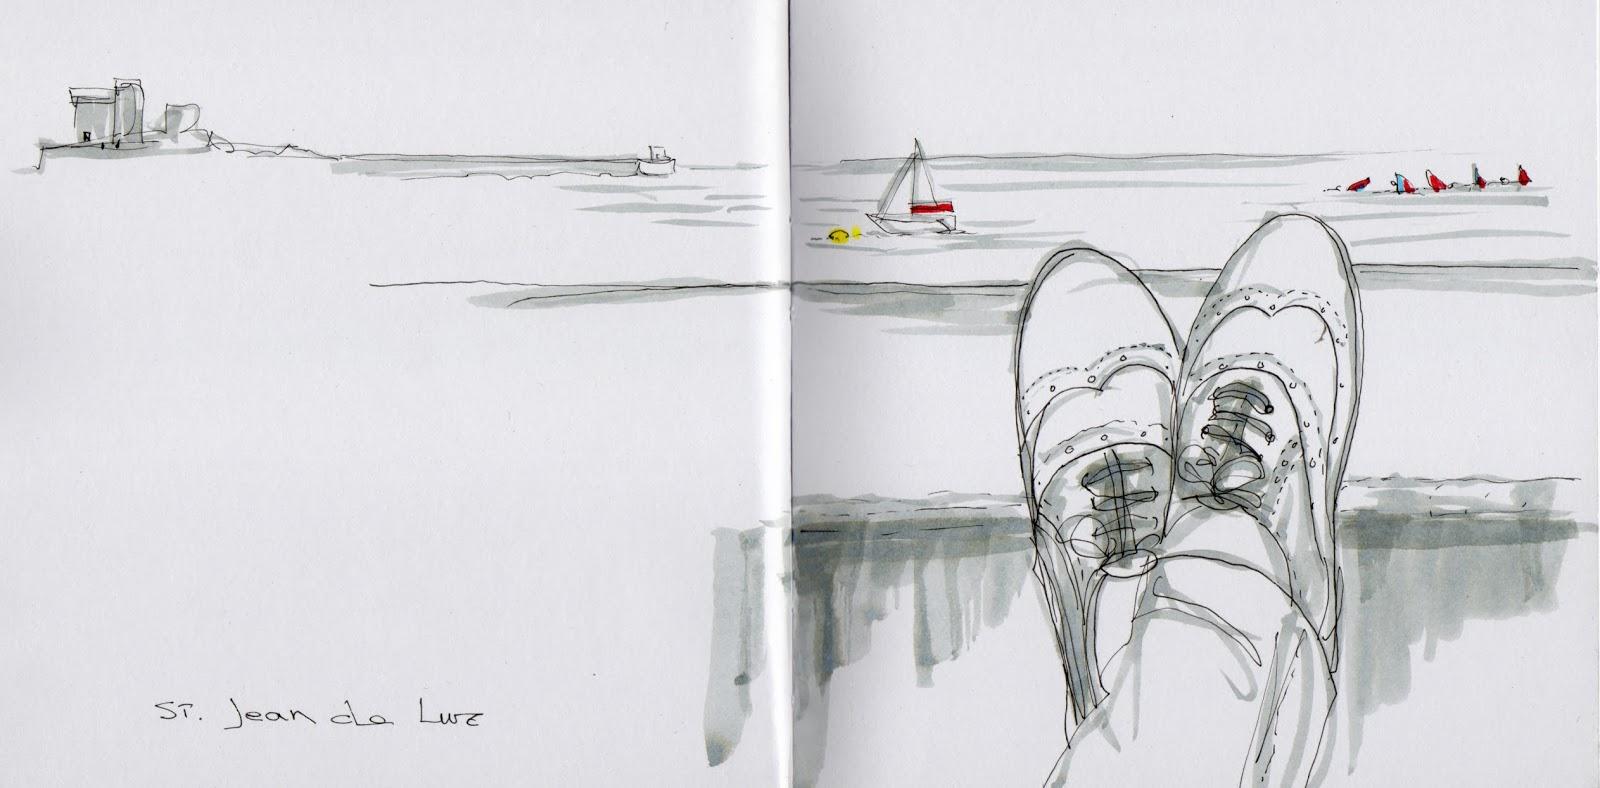 Concurso De Dibujo Urbano En Libreta Fnac Madrid: De Vuelta Con El Cuaderno: 10/01/2013